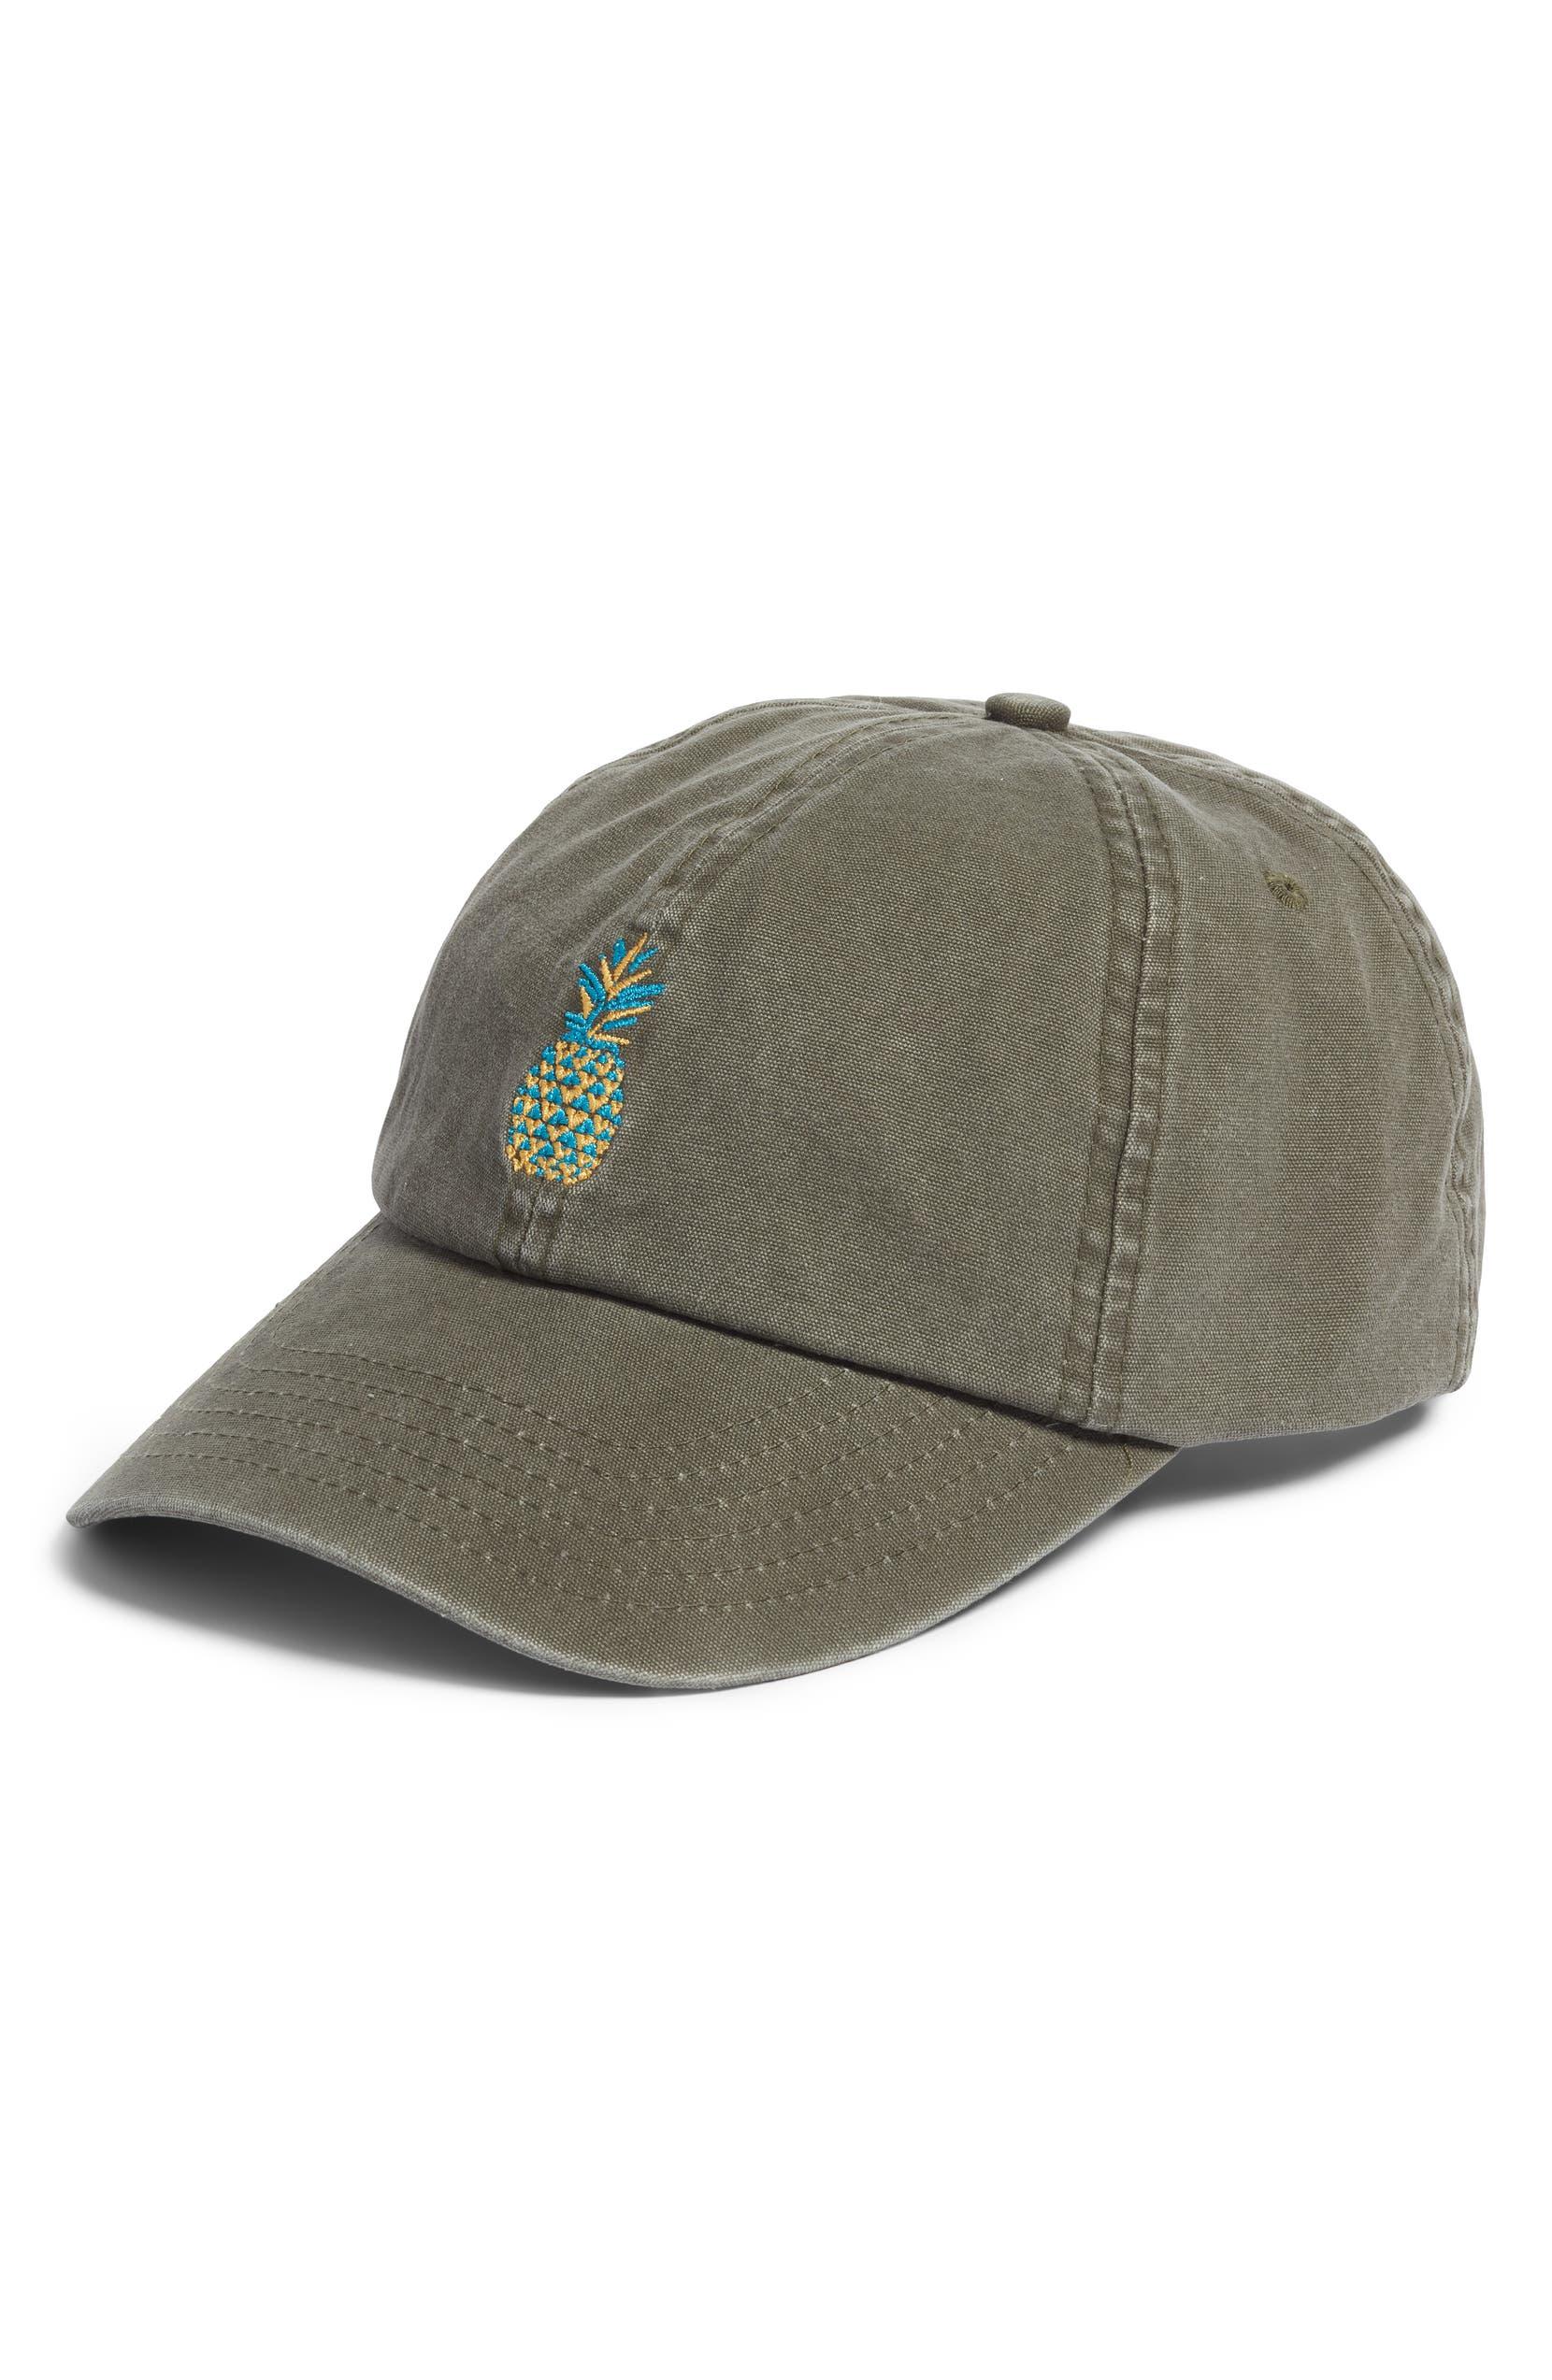 Rip Curl Beach Stitch Cap  510b8b59c2bf